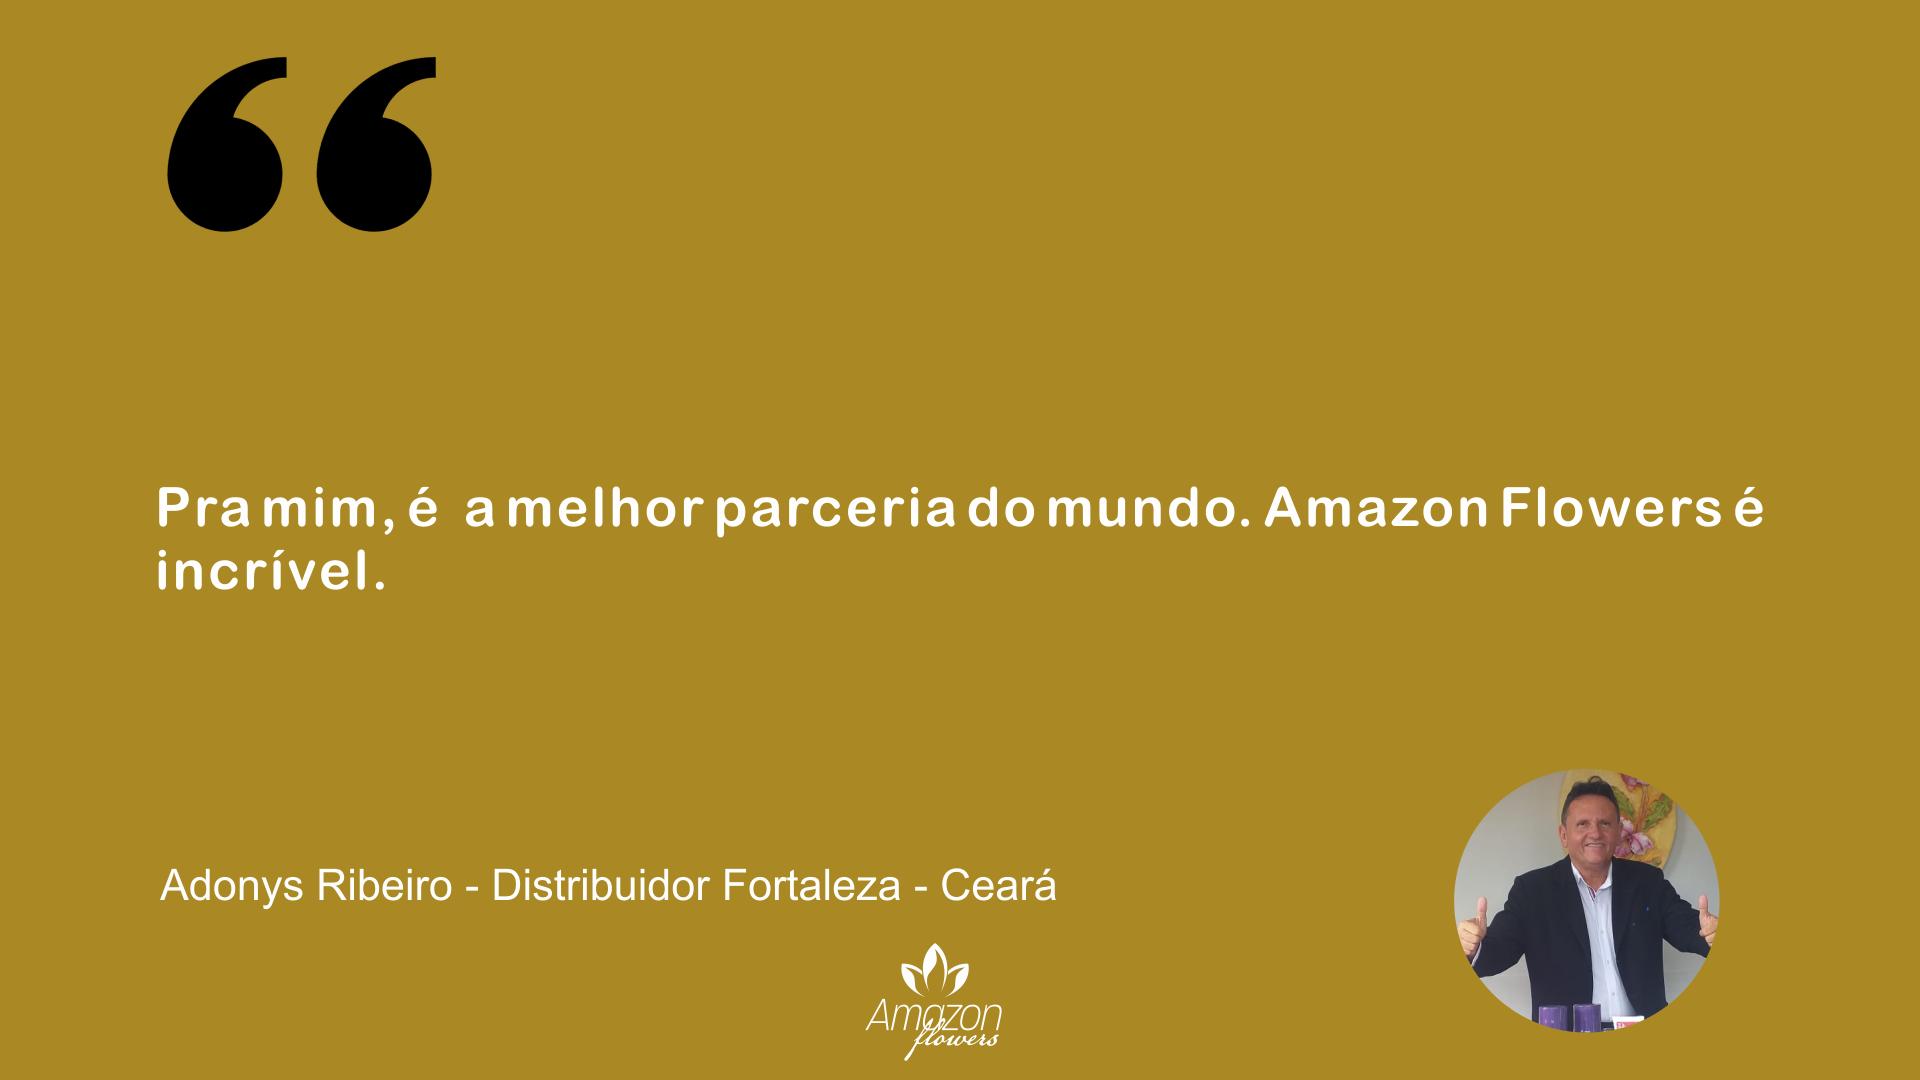 Adonys Ribeiro - Distribuidor Fortaleza - Ceara